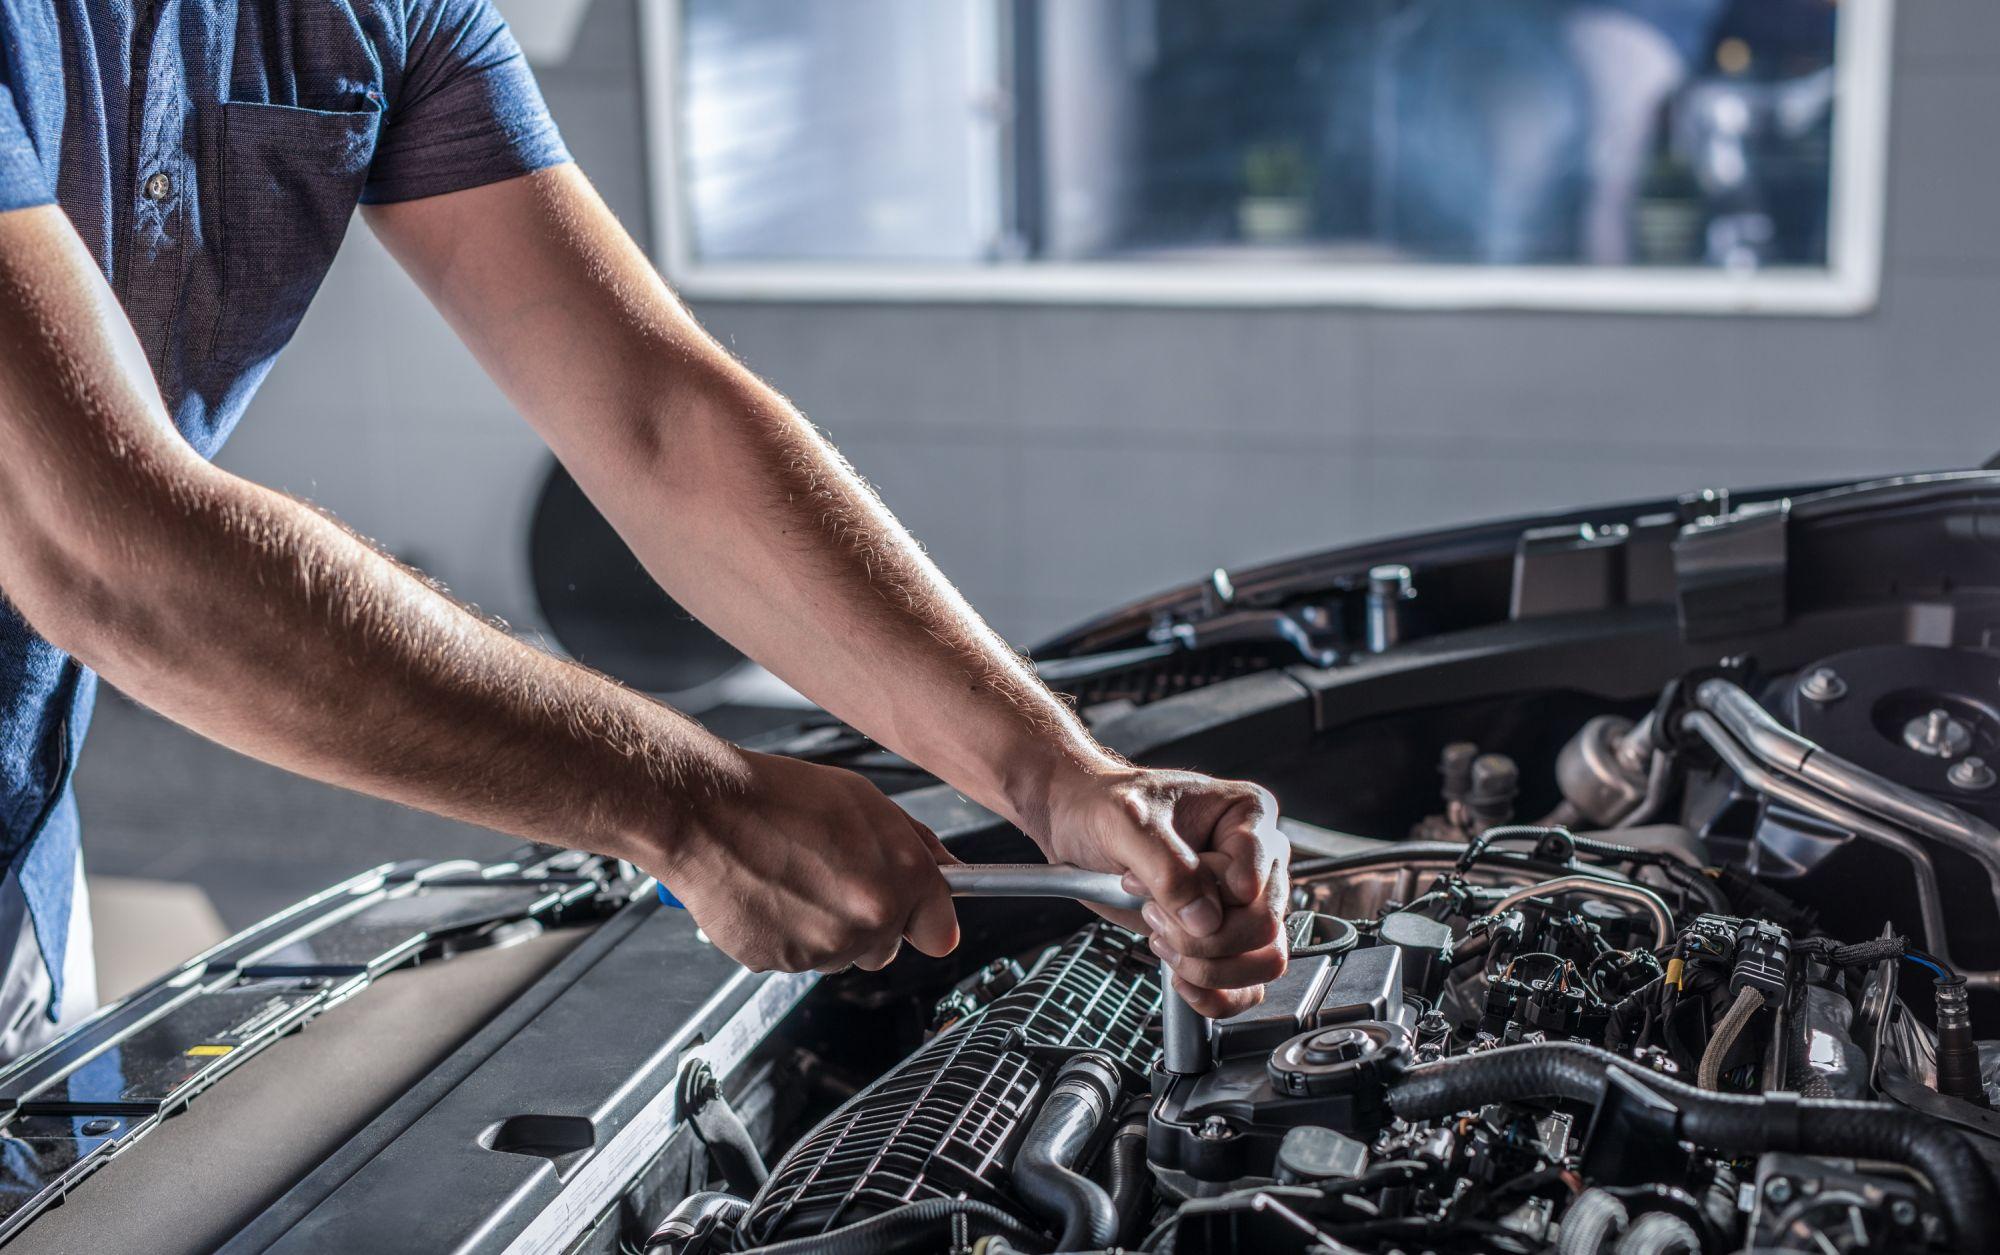 Замена карданного шарнира рулевого управления